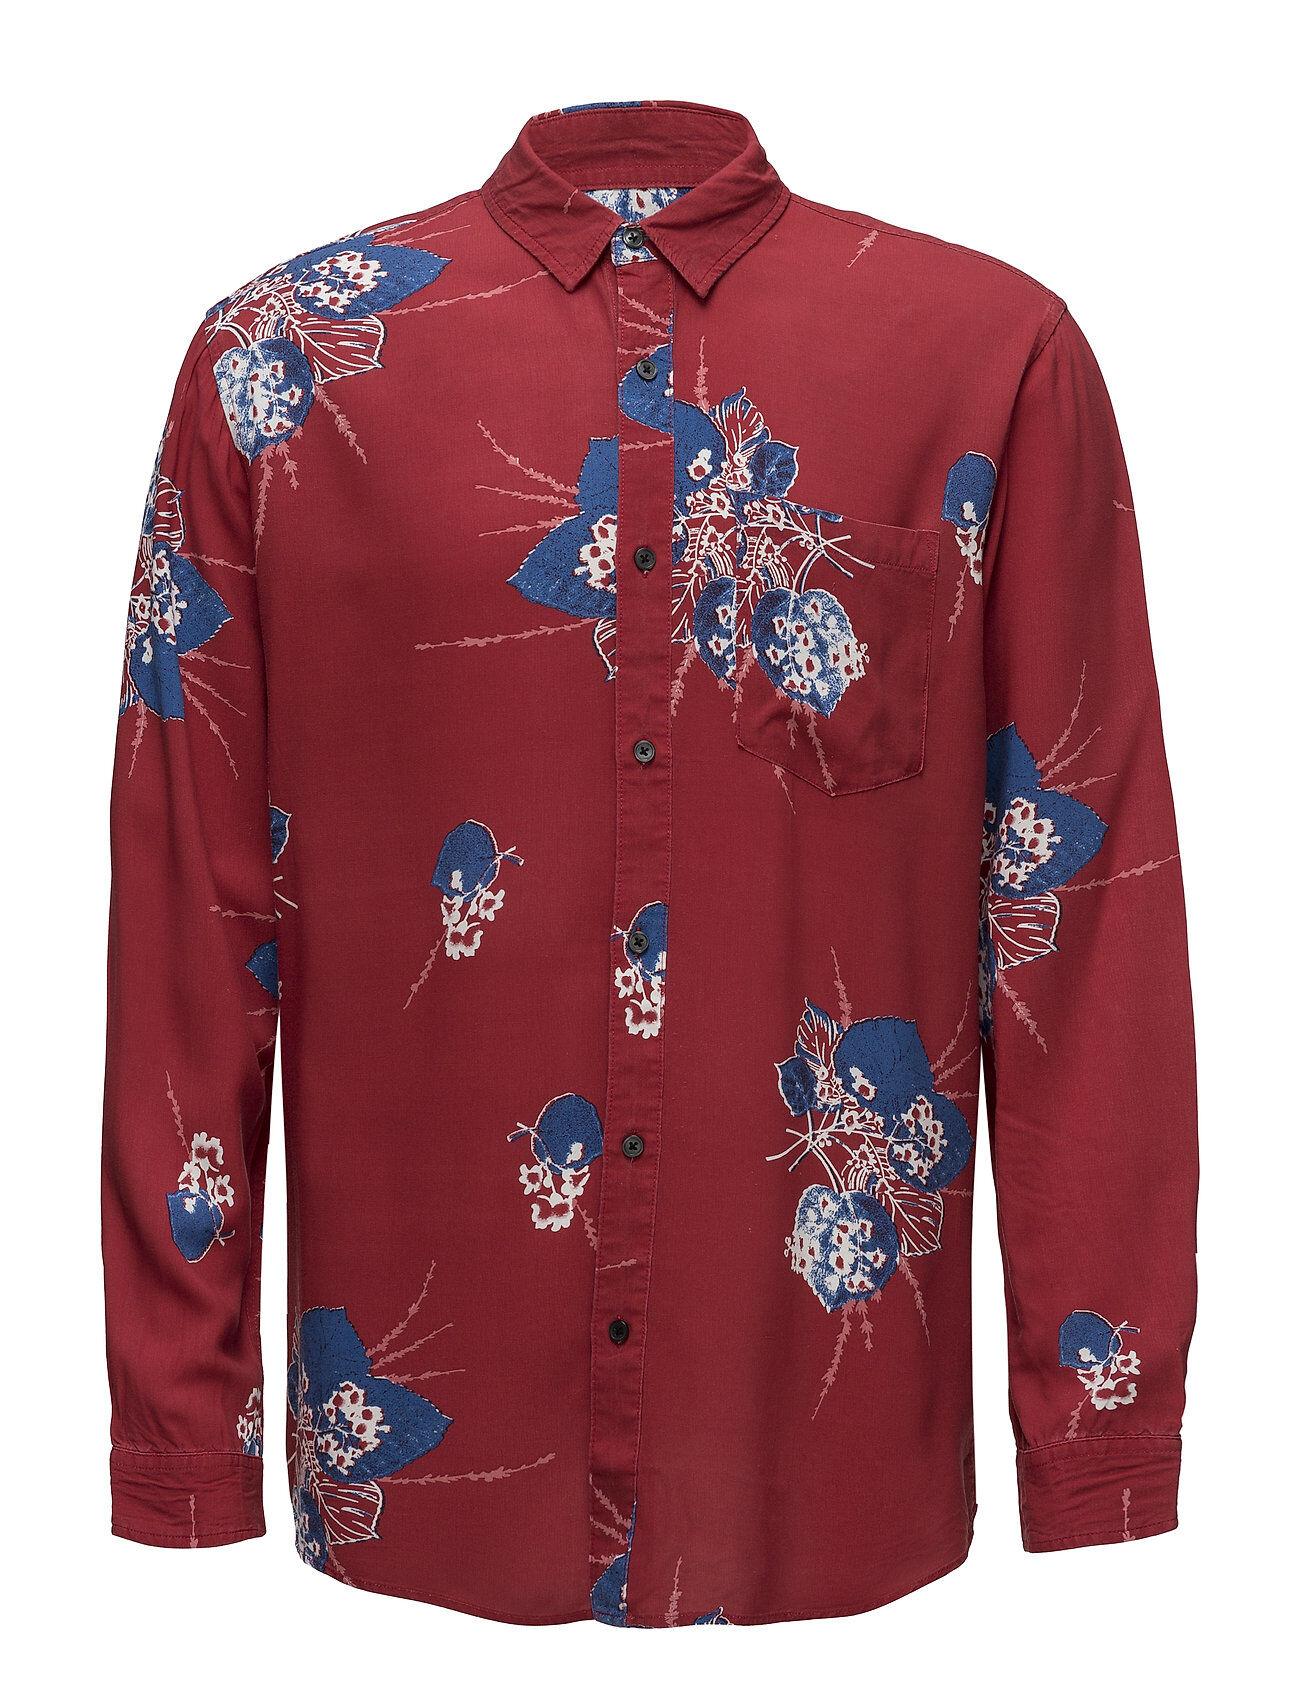 NEUW Floral L/S Shirt